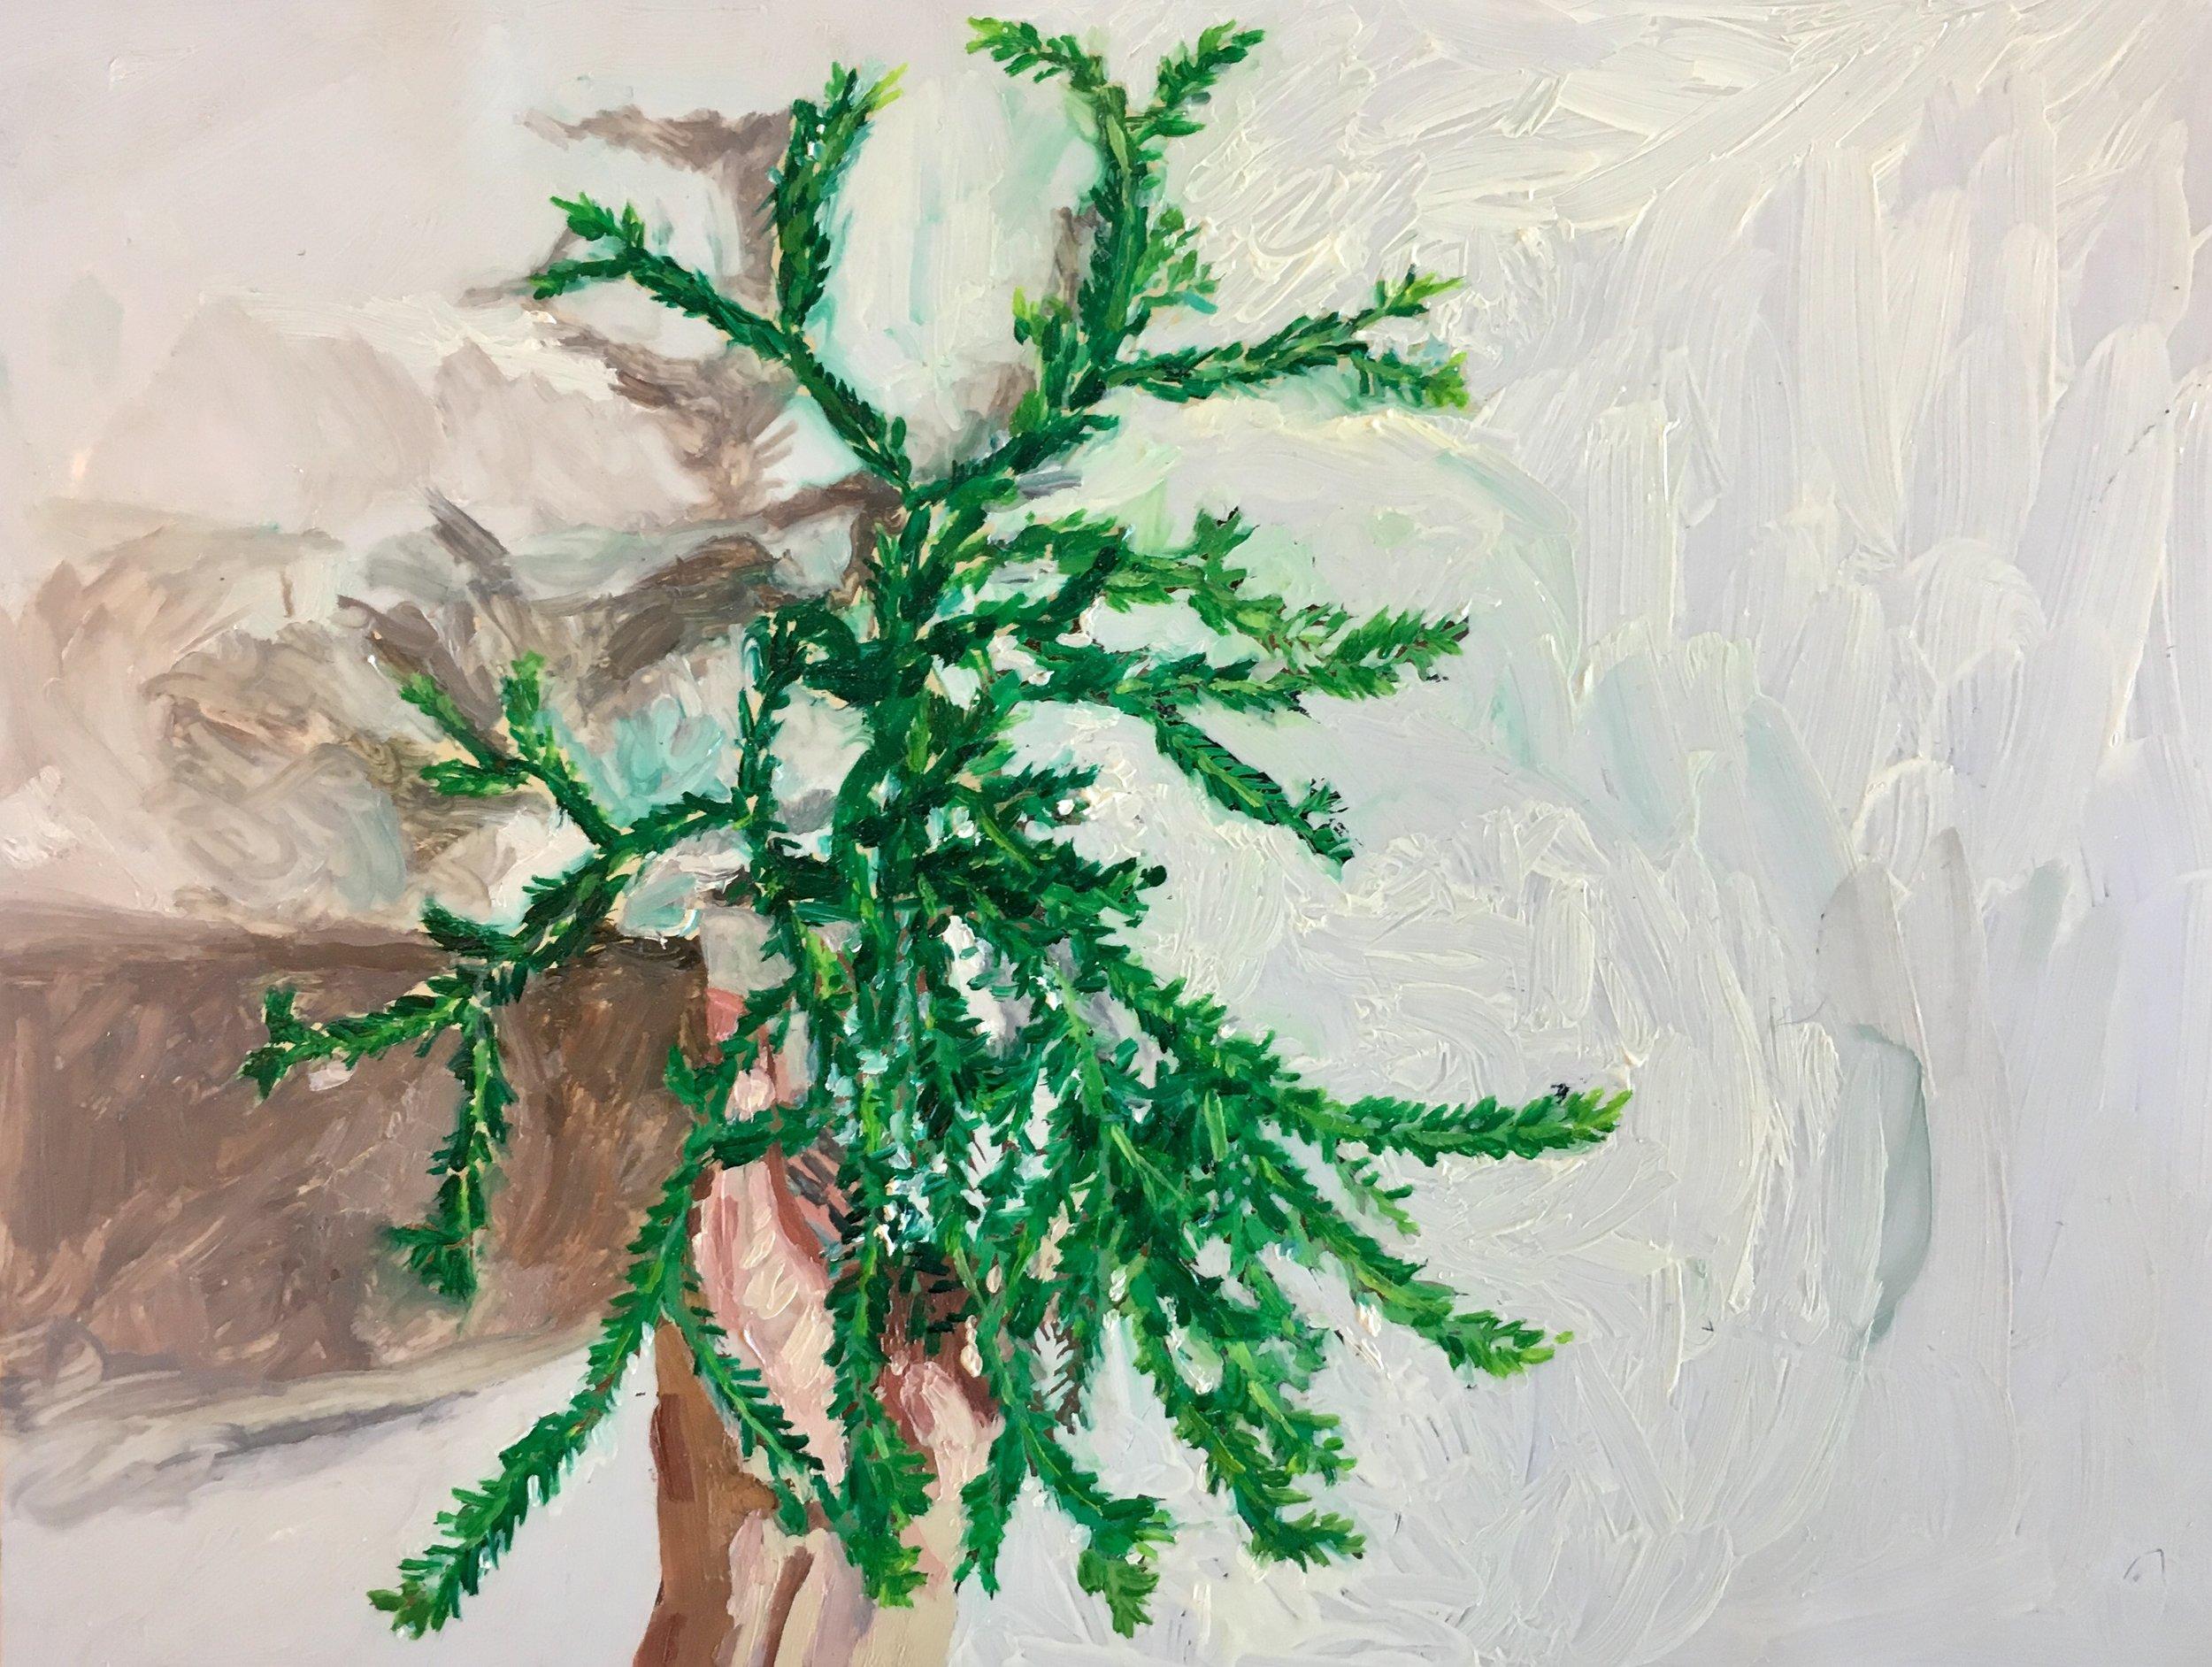 """""""Hand Palm"""" by Adam Chuckn, 5.5x7in, oil on mylar"""